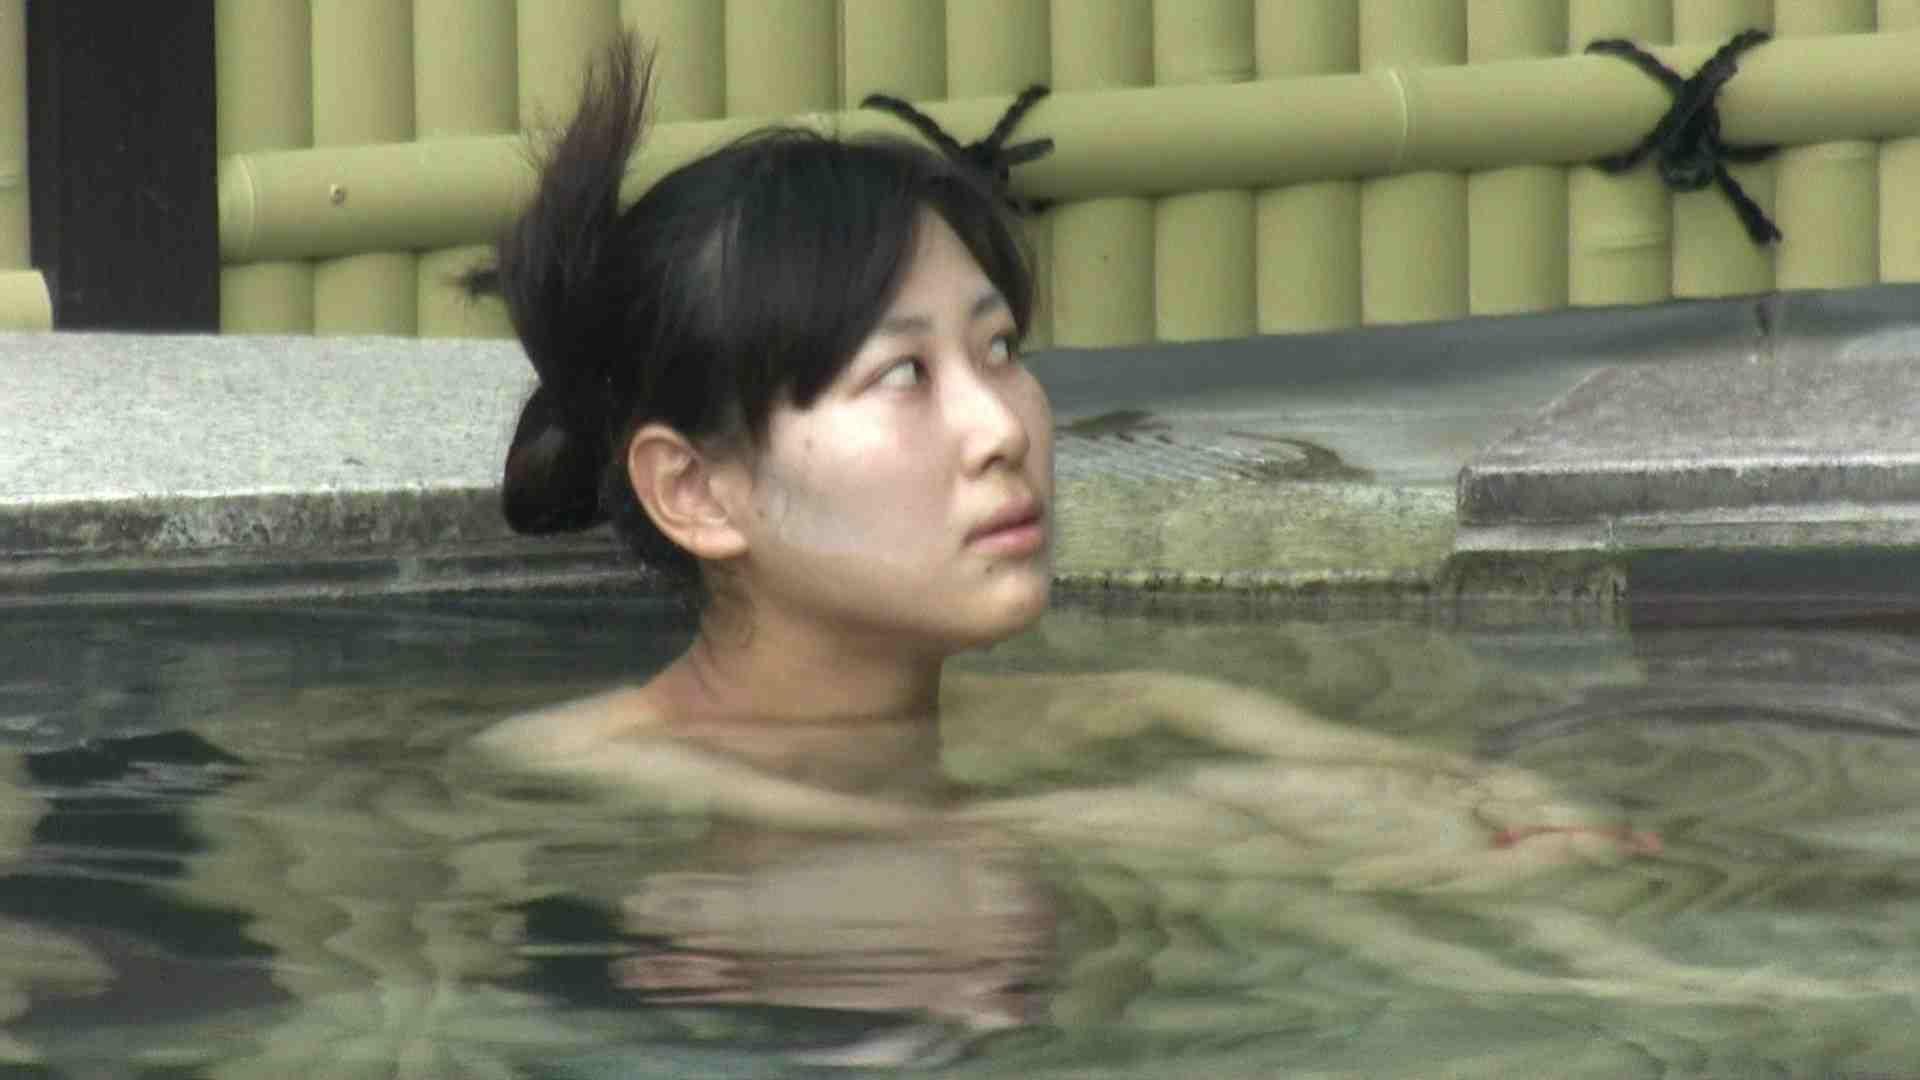 Aquaな露天風呂Vol.665 盗撮動画 | 露天風呂  9枚 5